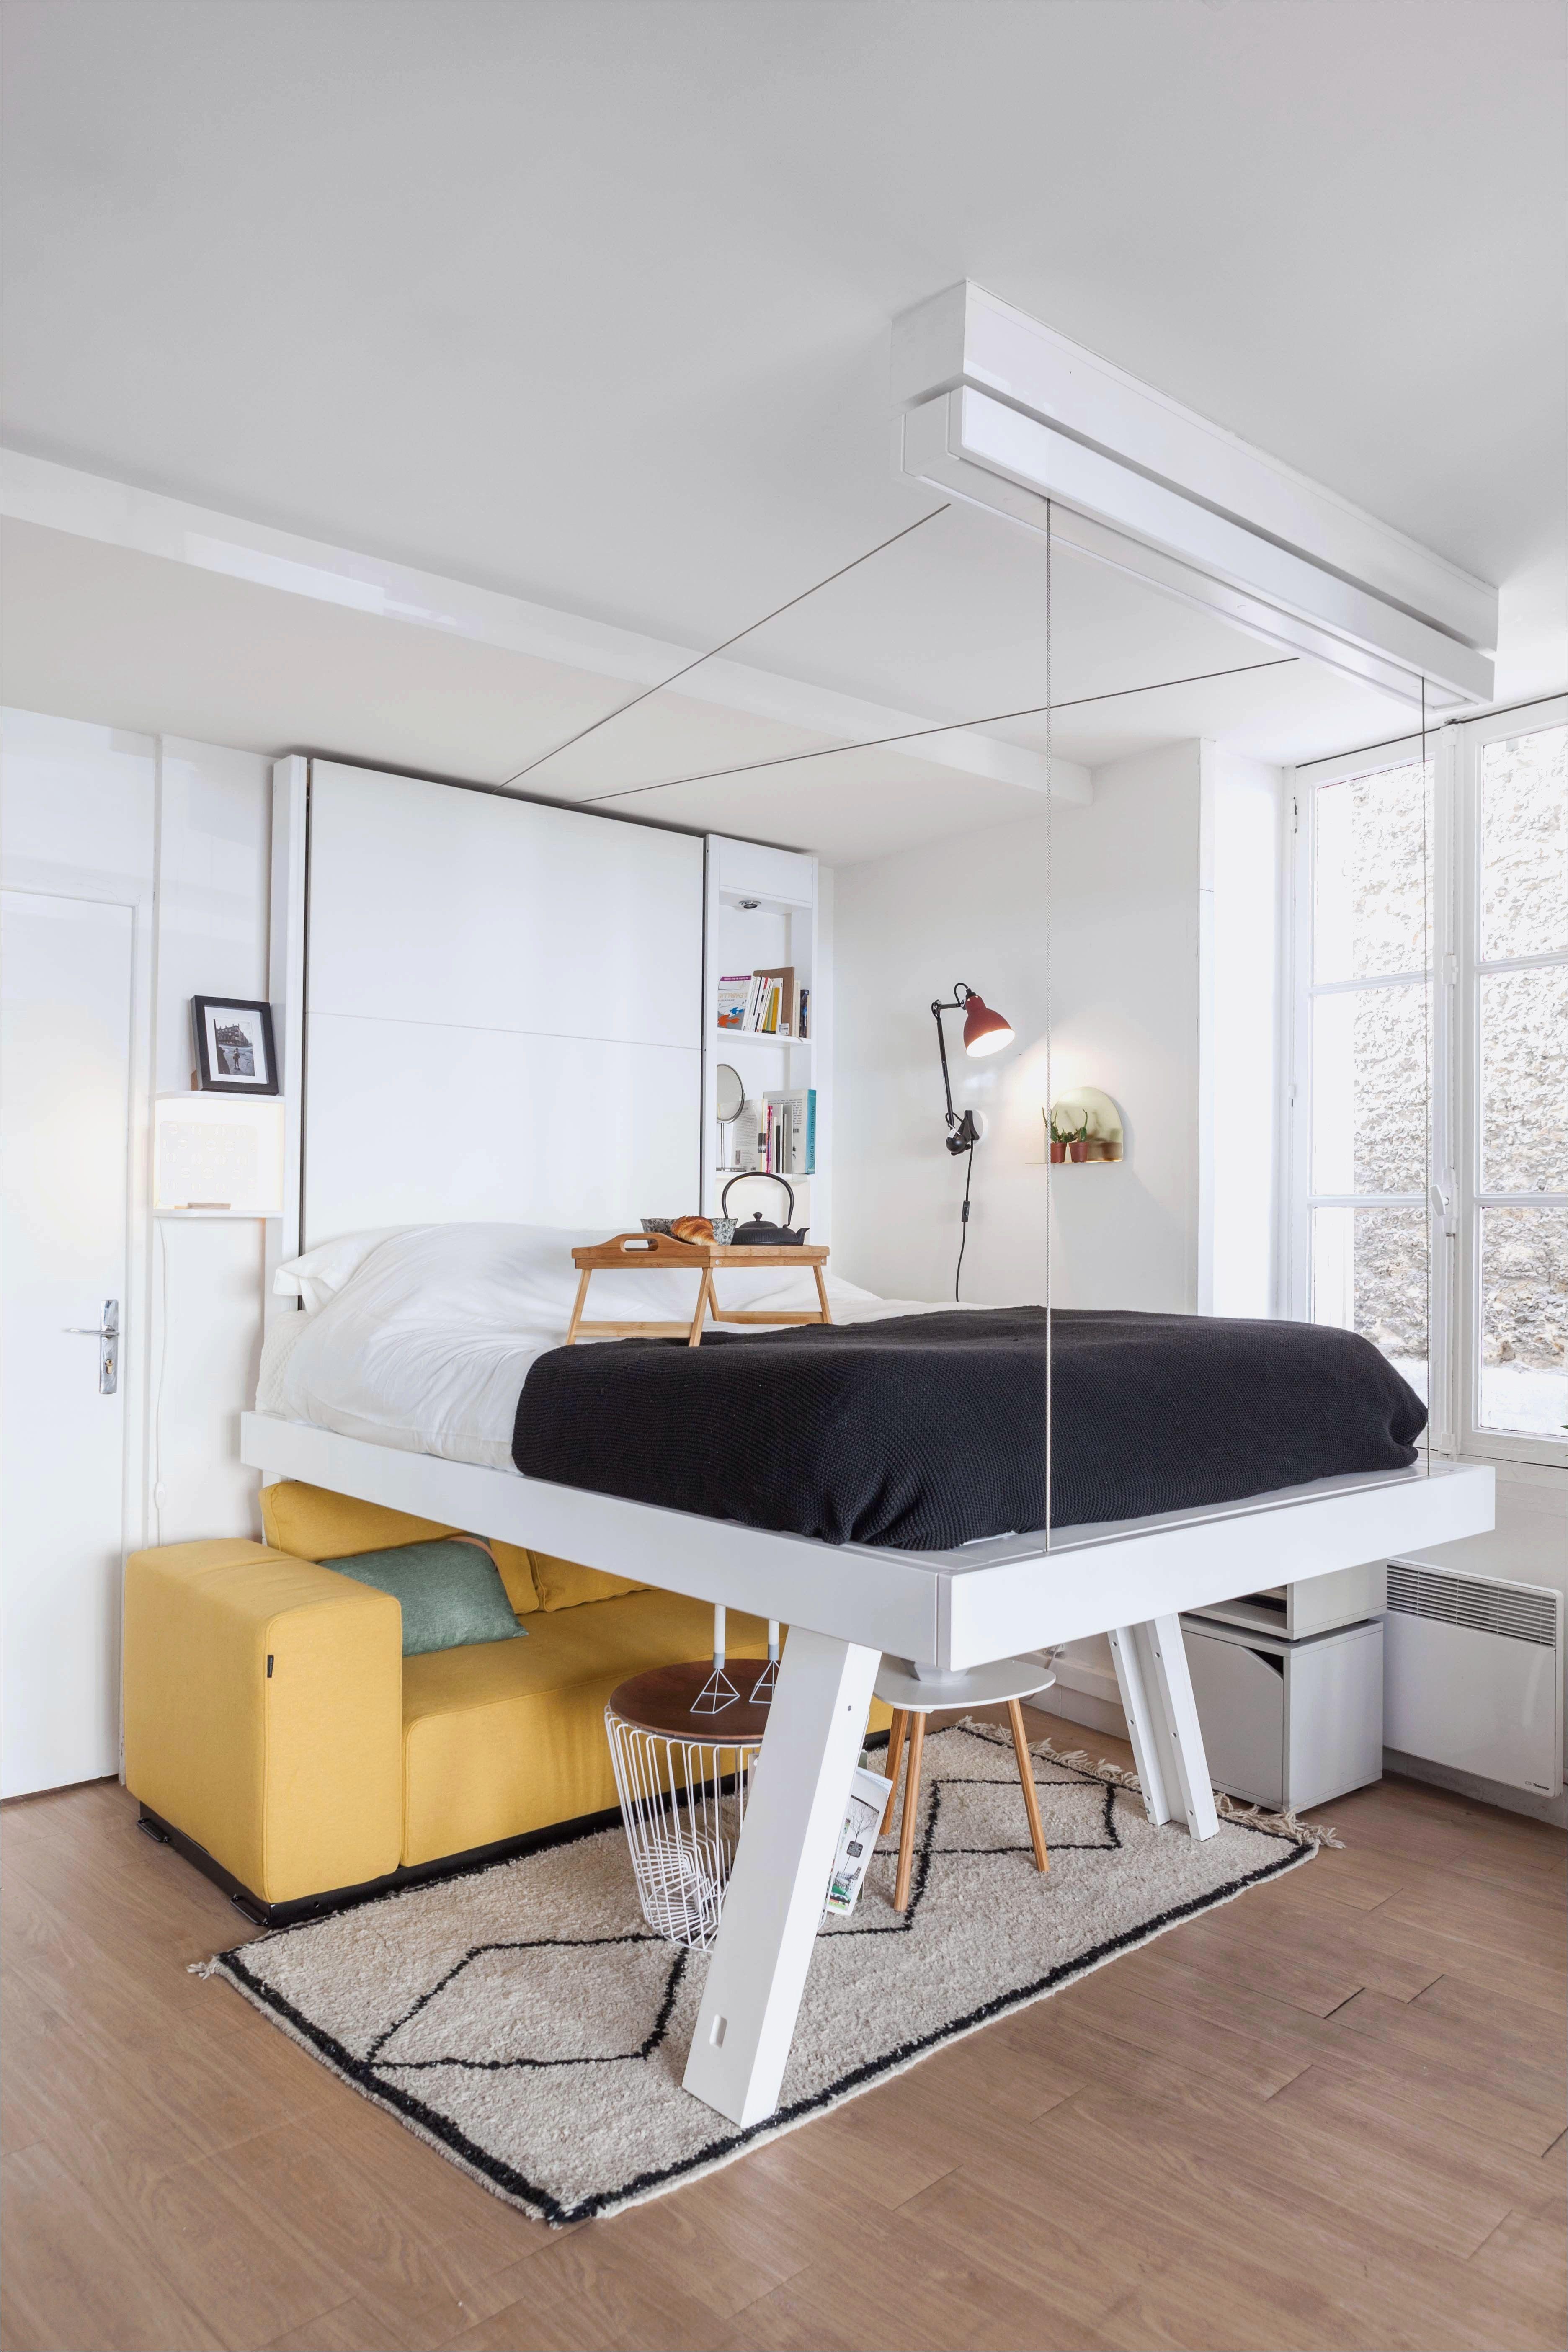 Lit 160×200 Design Impressionnant Beau Armoire Lit 160×200 Avec Lit Armoire 160—200 Awesome Banquette